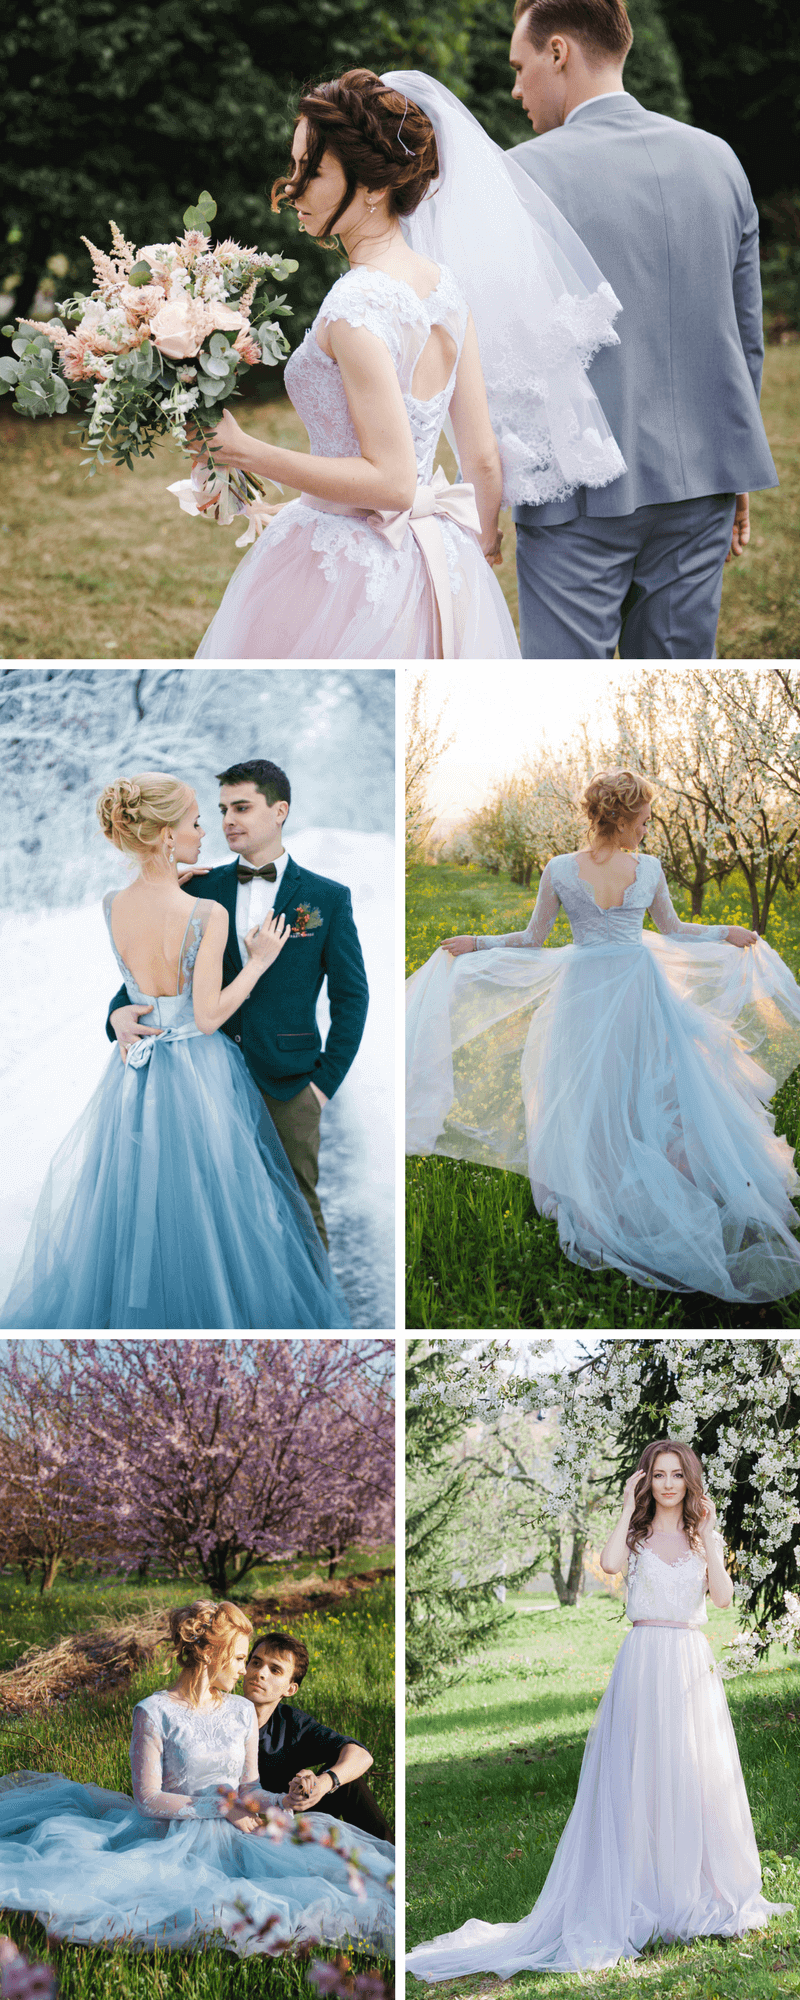 Brautkleider-Trends 2018 und 2019 - Hochzeitskiste